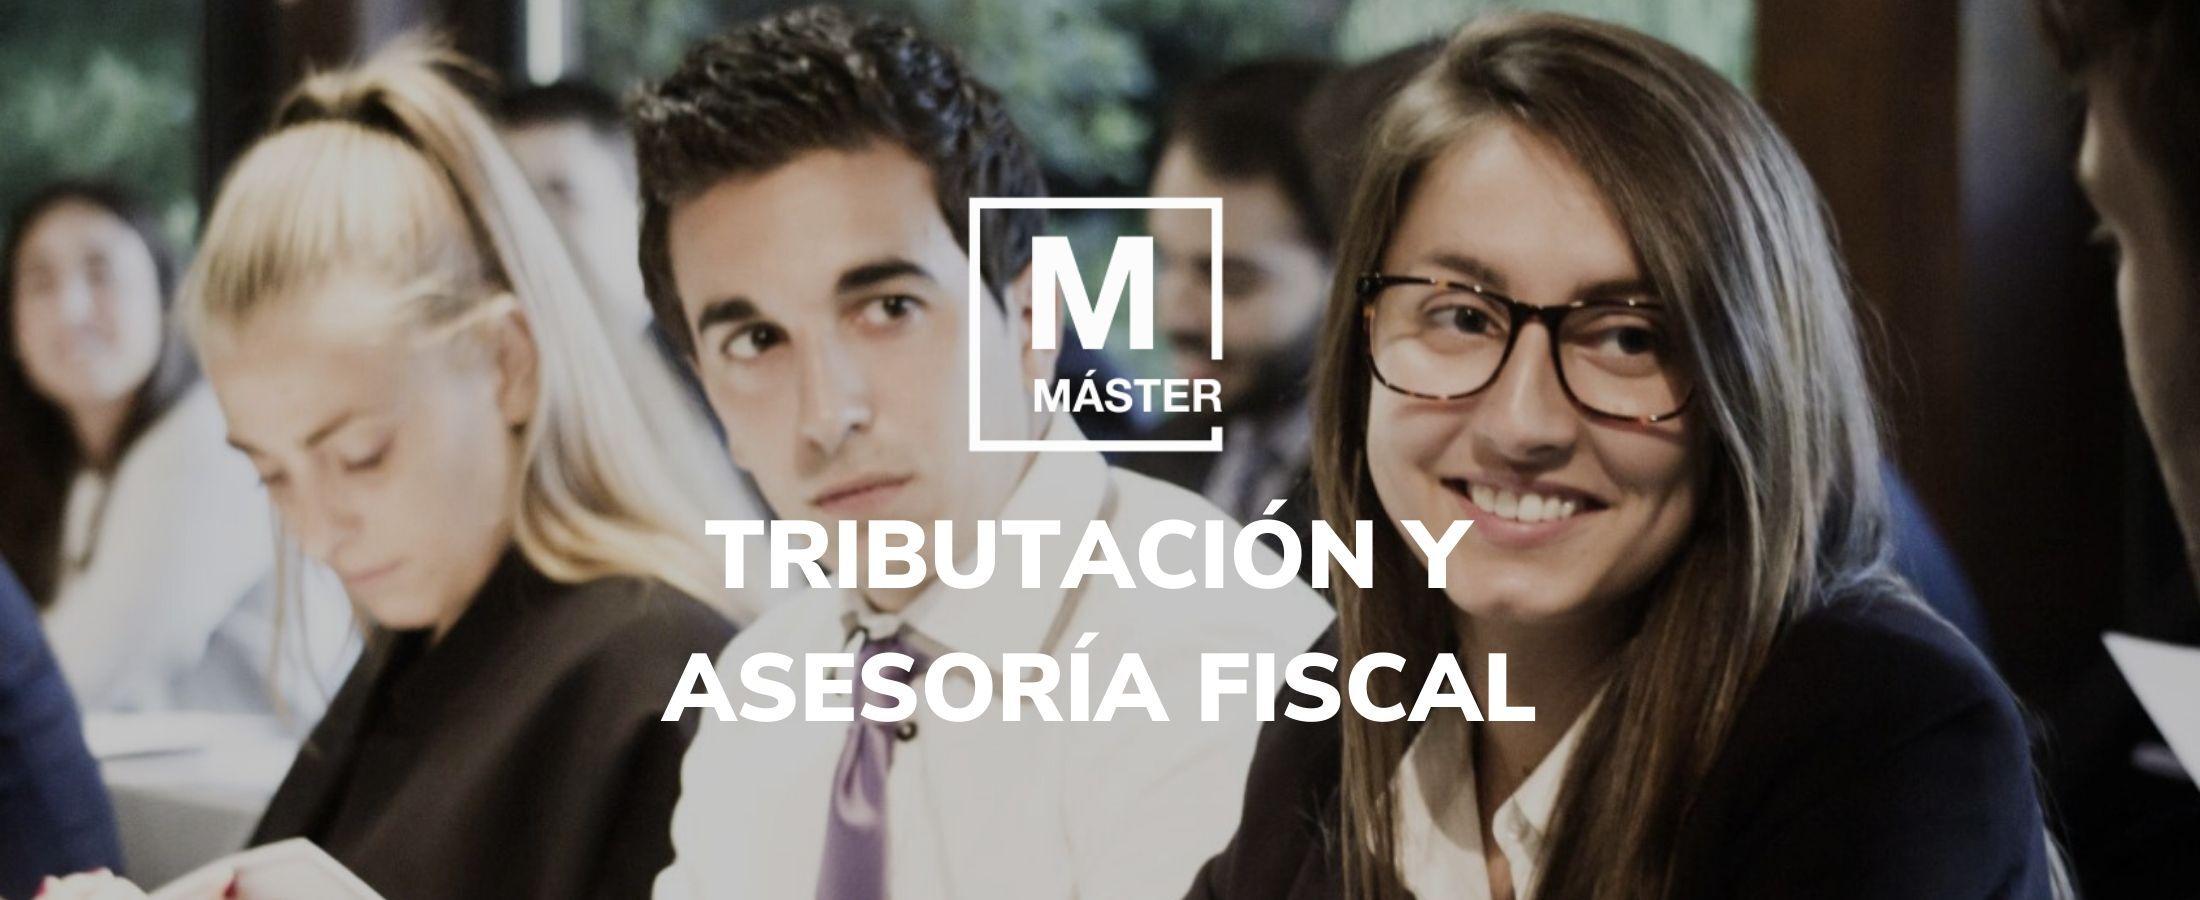 Master en Tributacion y Asesoria Fiscal